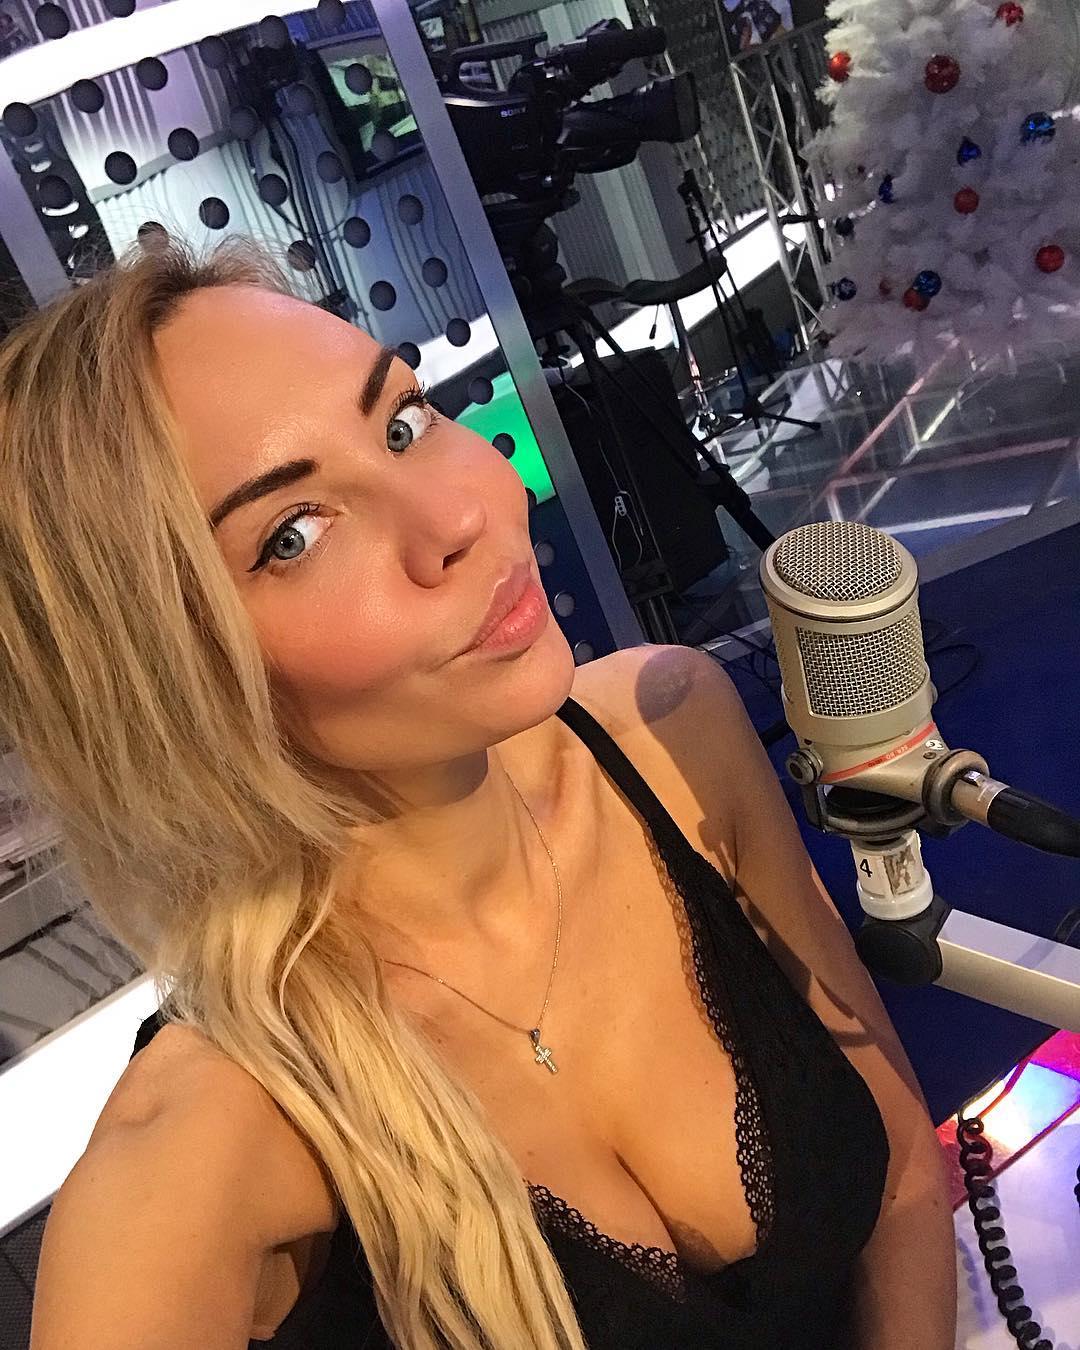 Елена Абитаева: Началась веселая эфирная страда  #onair